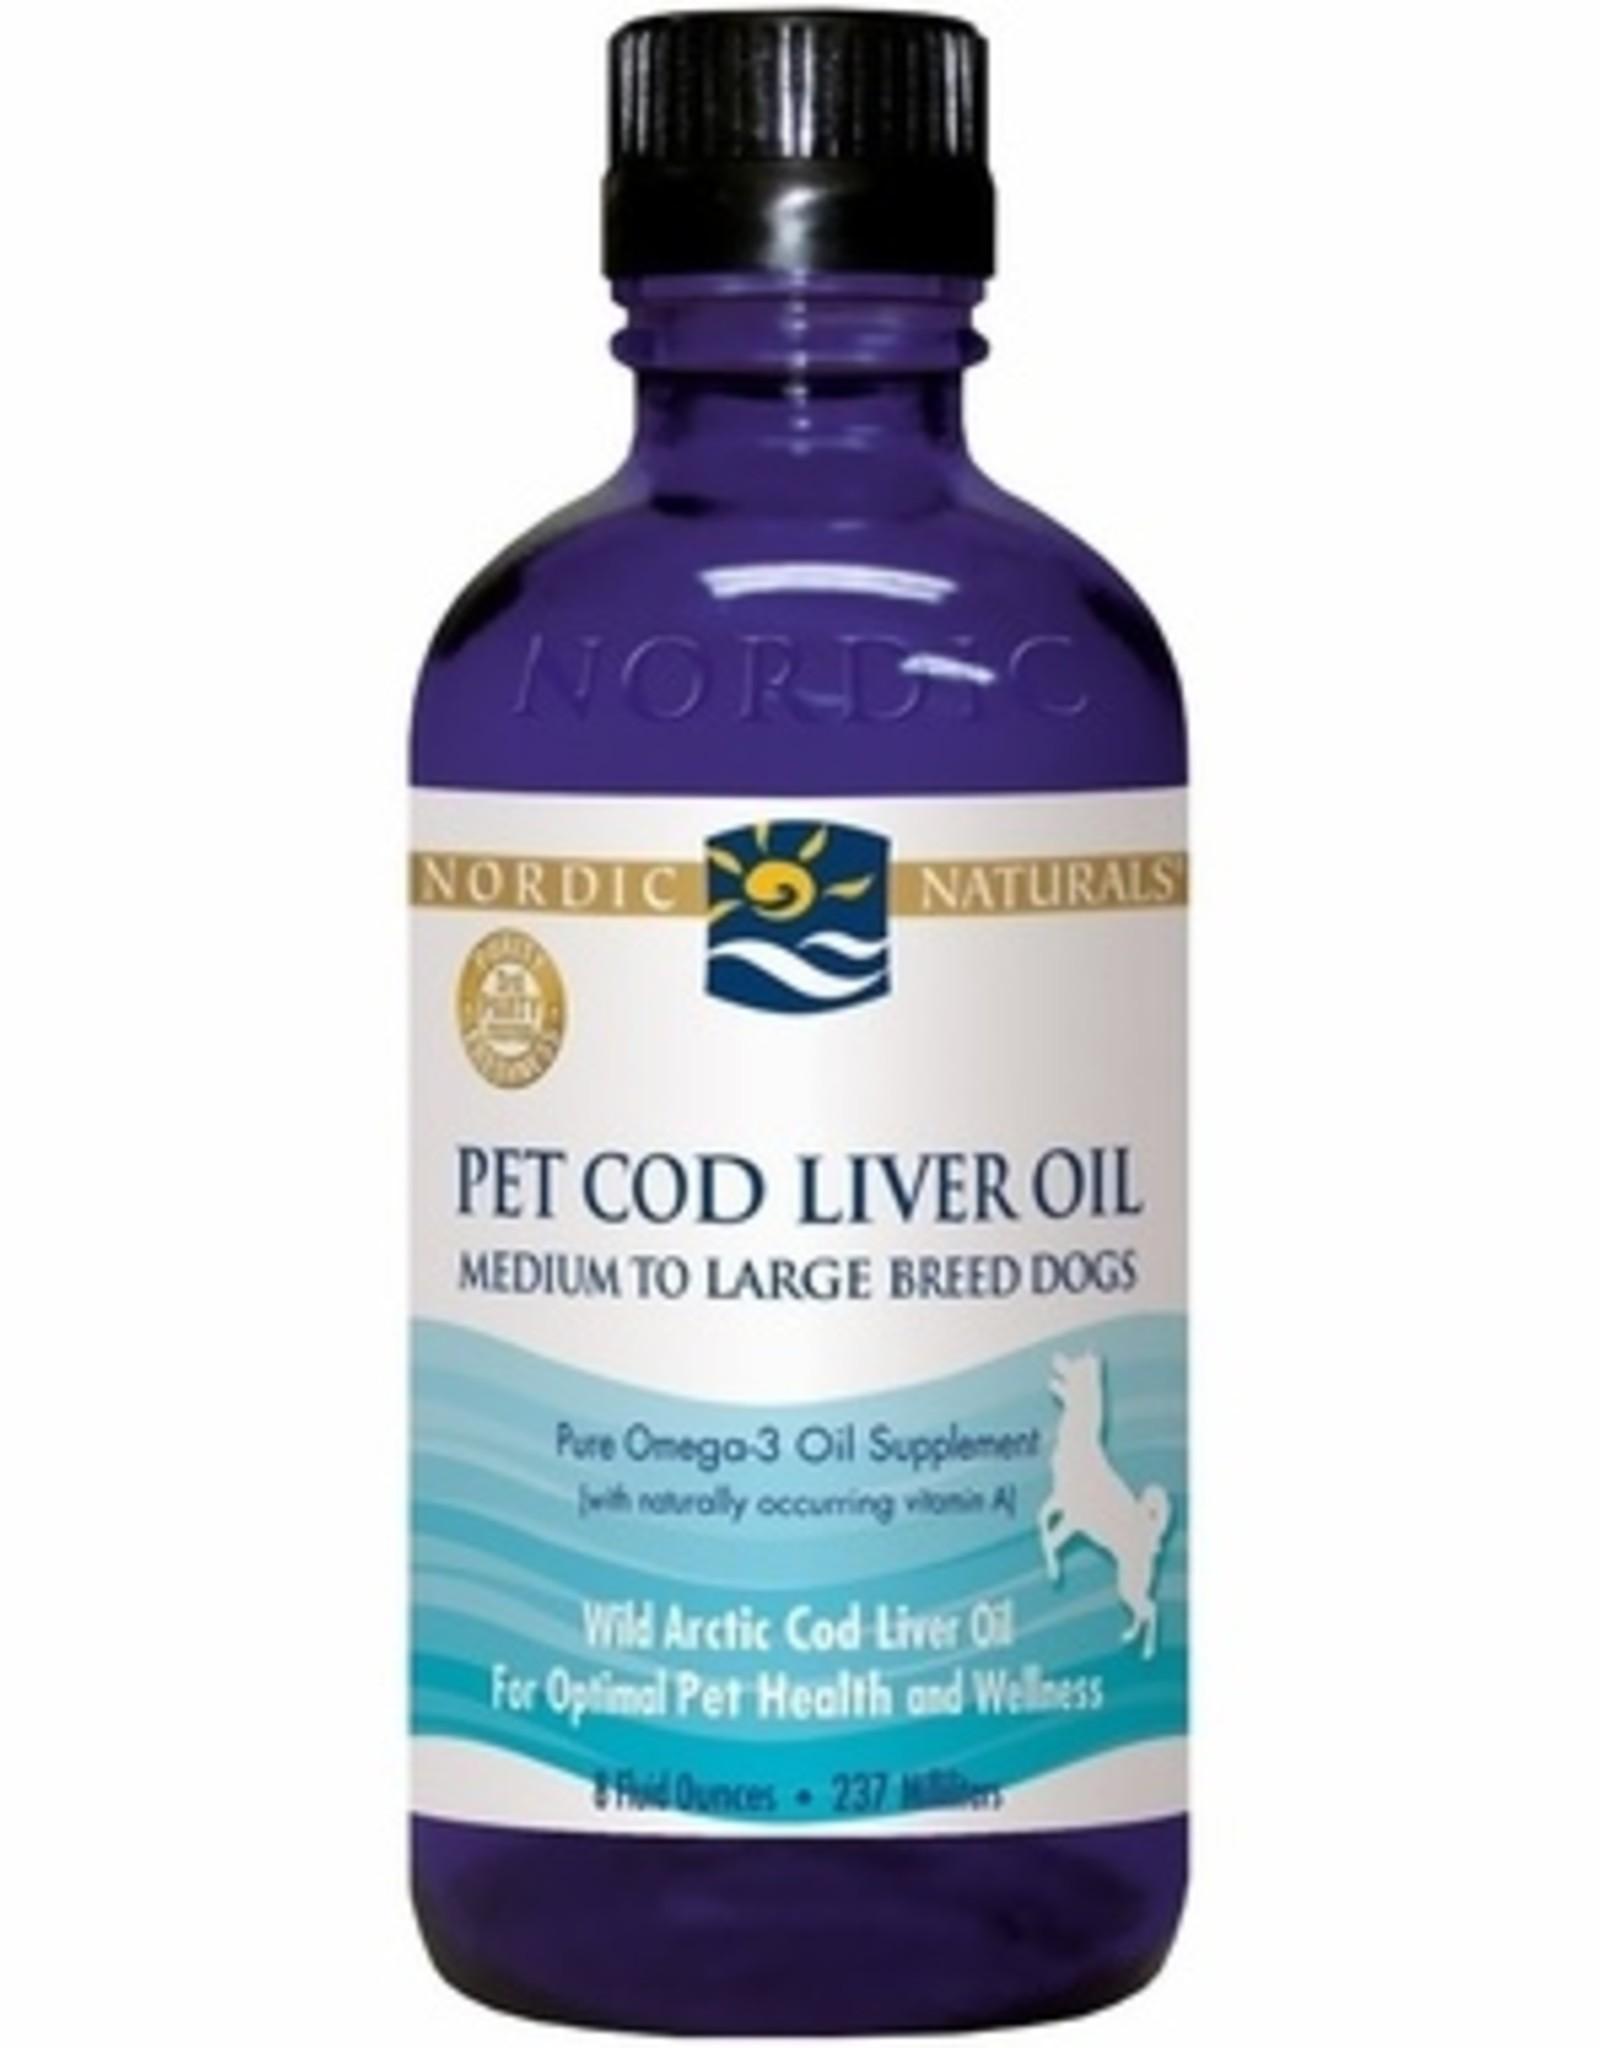 Nordic Naturals Cod Liver Oil 8oz